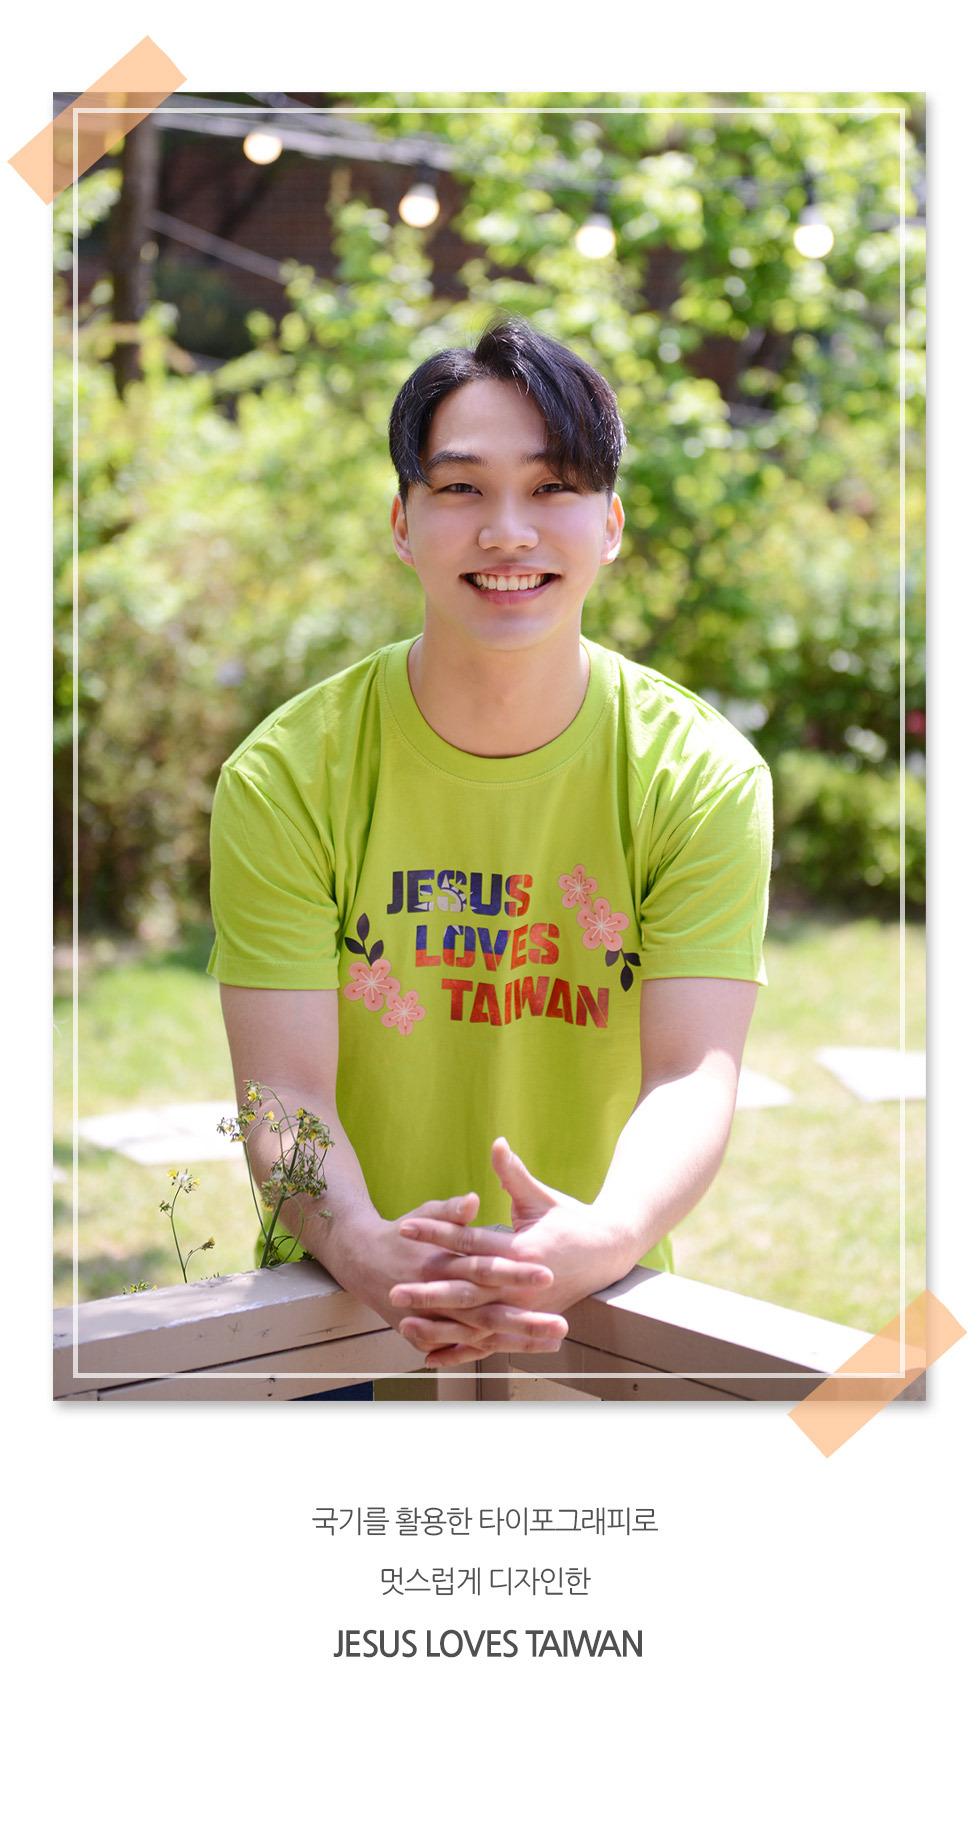 교회 단체티셔츠 타이완 선교티 (Jesus loves Taiwan) - 미션트립 단체 성인티셔츠(대만선교)